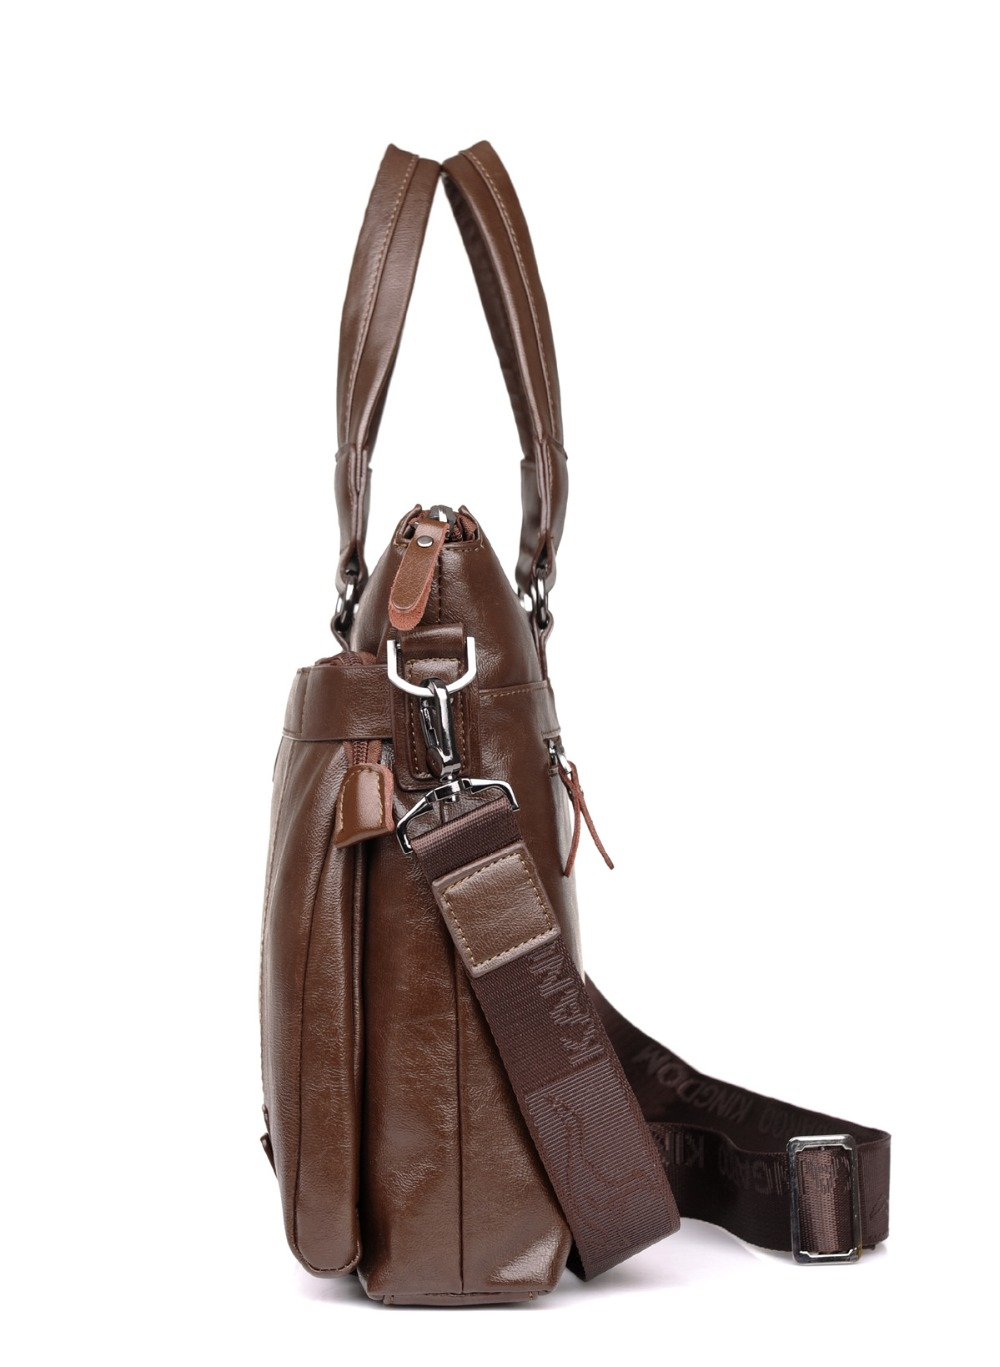 ZYJ Men\`s Business Leather Shoulder Laptop Briefcase Bags Sling Travel Messenger Portfolio Bag Causal Bolsa Lawer Handbag (9)